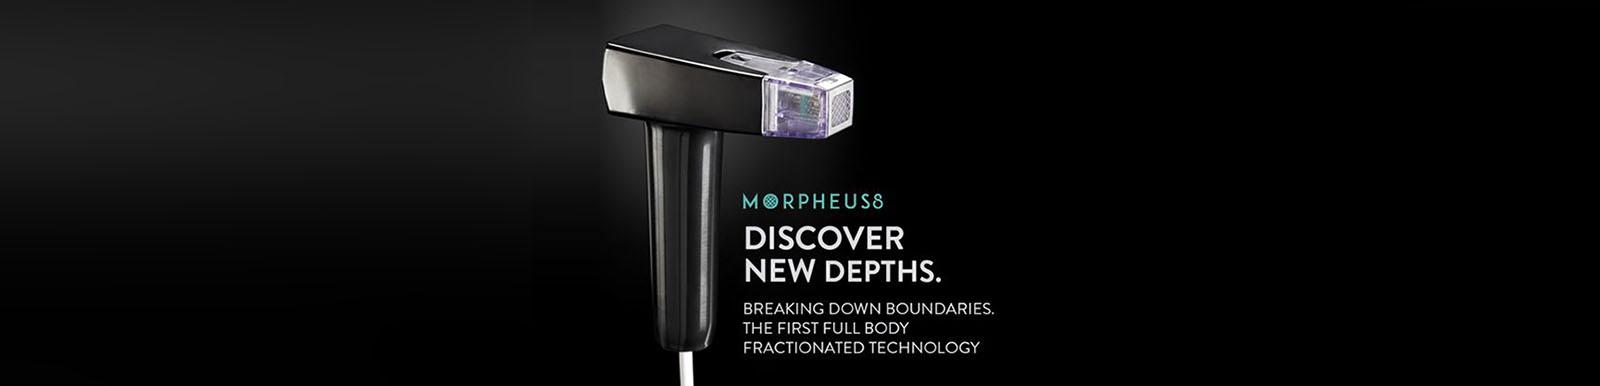 Morpheus 8 Microneedling device